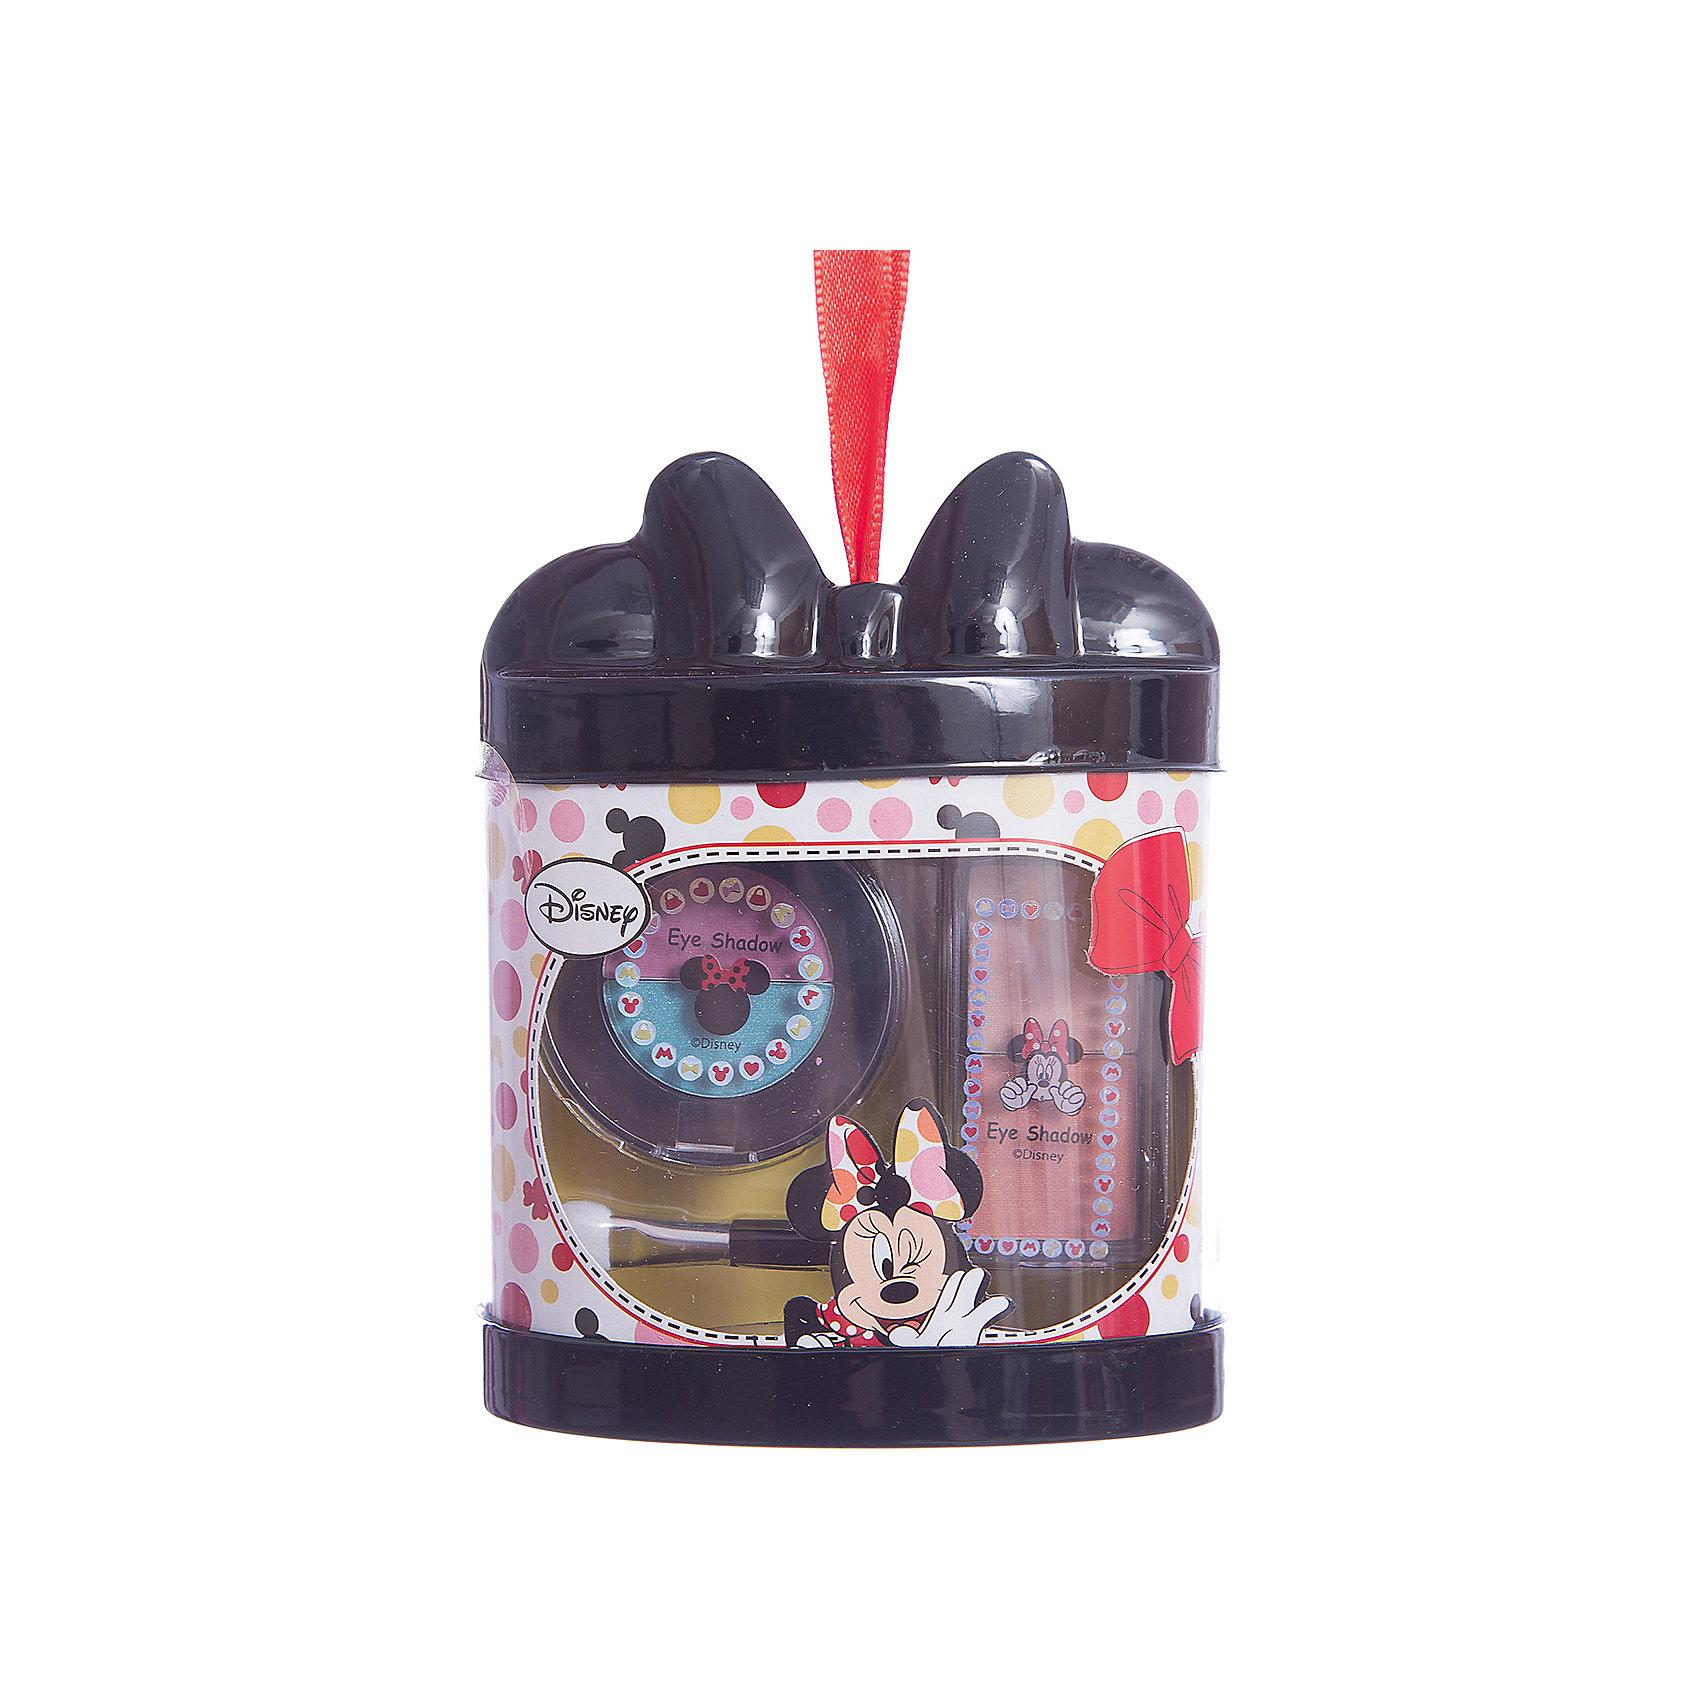 Набор детской косметики Minnie - Тени для векНаборы детской косметики<br>Характеристики:<br><br>• Наименование: детская декоративная косметика<br>• Предназначение: для сюжетно-ролевых игр<br>• Серия: Микки Маус и его друзья<br>• Пол: для девочки<br>• Материал: натуральные косметические компоненты, пластик, картон<br>• Комплектация: 4 оттенка теней для век, аппликатор<br>• Размеры (Д*Ш*В): 12*9*7 см<br>• Вес: 55 г <br>• Упаковка: картонная коробка с блистером<br><br>Игровой набор детской декоративной косметики для глаз, Минни Маус – это набор игровой детской косметики от Markwins, которая вот уже несколько десятилетий специализируется на выпуске детской косметики. Рецептура декоративной детской косметики разработана совместно с косметологами и медиками, в основе рецептуры – водная основа, а потому она гипоаллергенны, не вызывает раздражений на детской коже и легко смывается, не оставляя следа. Безопасность продукции подтверждена международными сертификатами качества и безопасности. <br>Игровой набор детской декоративной косметики состоит из 2 оттенков теней бежевого цвета, одного бирюзового и одного розового. В наборе предусмотрен аппликатор, с помощью которого удобно наносить тени на веки. Косметические средства, входящие в состав набора, имеют длительный срок хранения – 12 месяцев. Набор выполнен в брендовом дизайне популярной серии Микки Маус и его друзья. Игровой набор детской декоративной косметики от Markwins может стать незаменимым праздничным подарком для любой маленькой модницы!<br><br>Игровой набор детской декоративной косметики для глаз, Минни Маус можно купить в нашем интернет-магазине.<br><br>Ширина мм: 90<br>Глубина мм: 120<br>Высота мм: 50<br>Вес г: 78<br>Возраст от месяцев: 48<br>Возраст до месяцев: 120<br>Пол: Женский<br>Возраст: Детский<br>SKU: 5124713